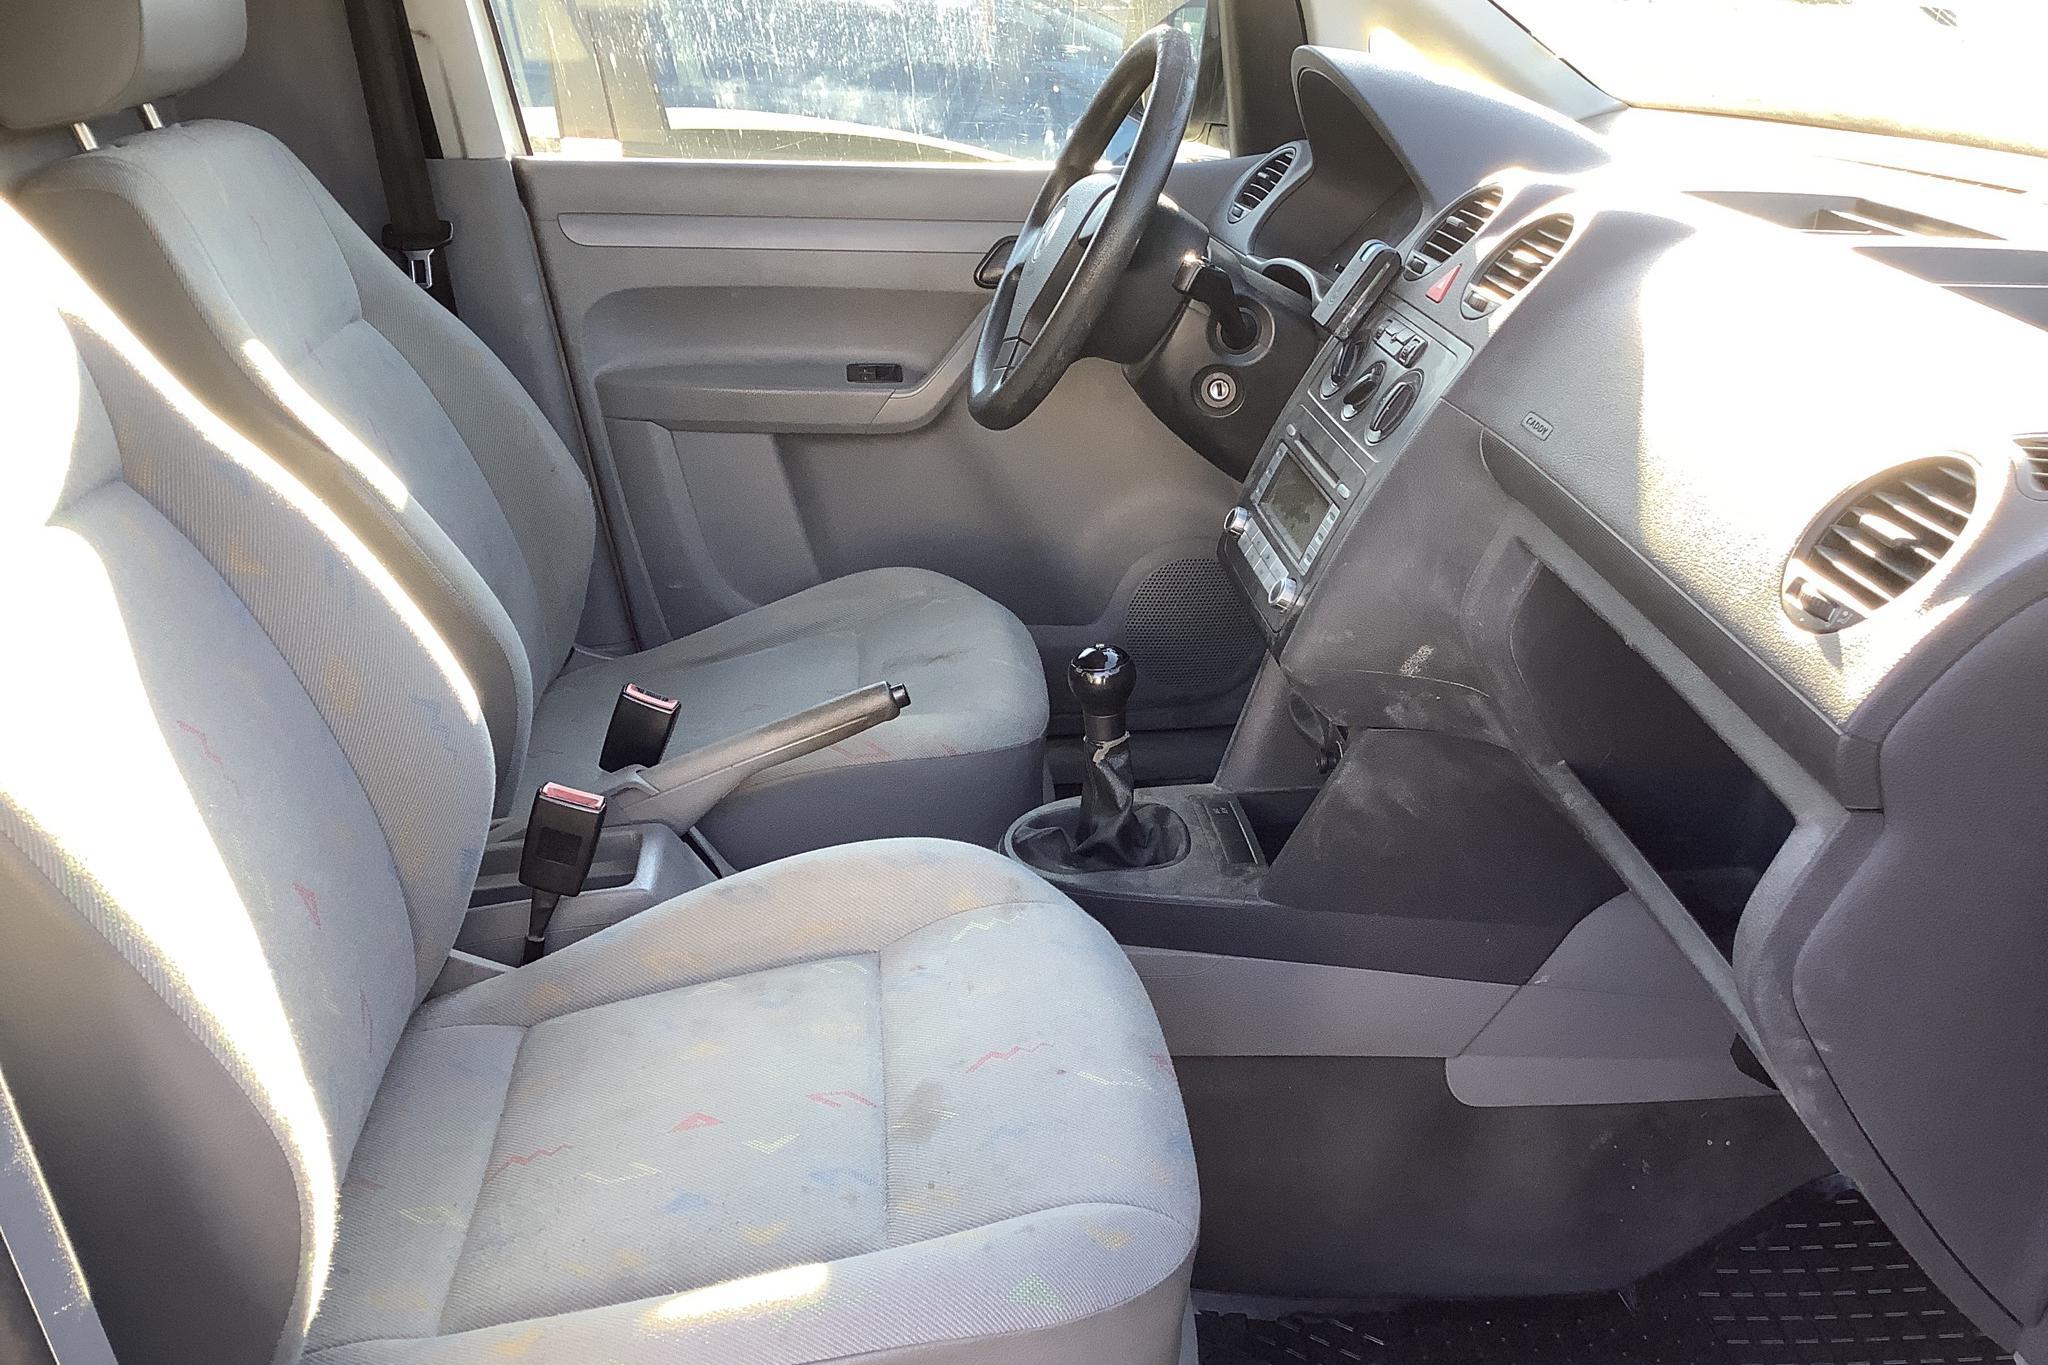 VW Caddy 1.9 TDI Skåp (105hk) - 25 624 mil - Manuell - vit - 2007